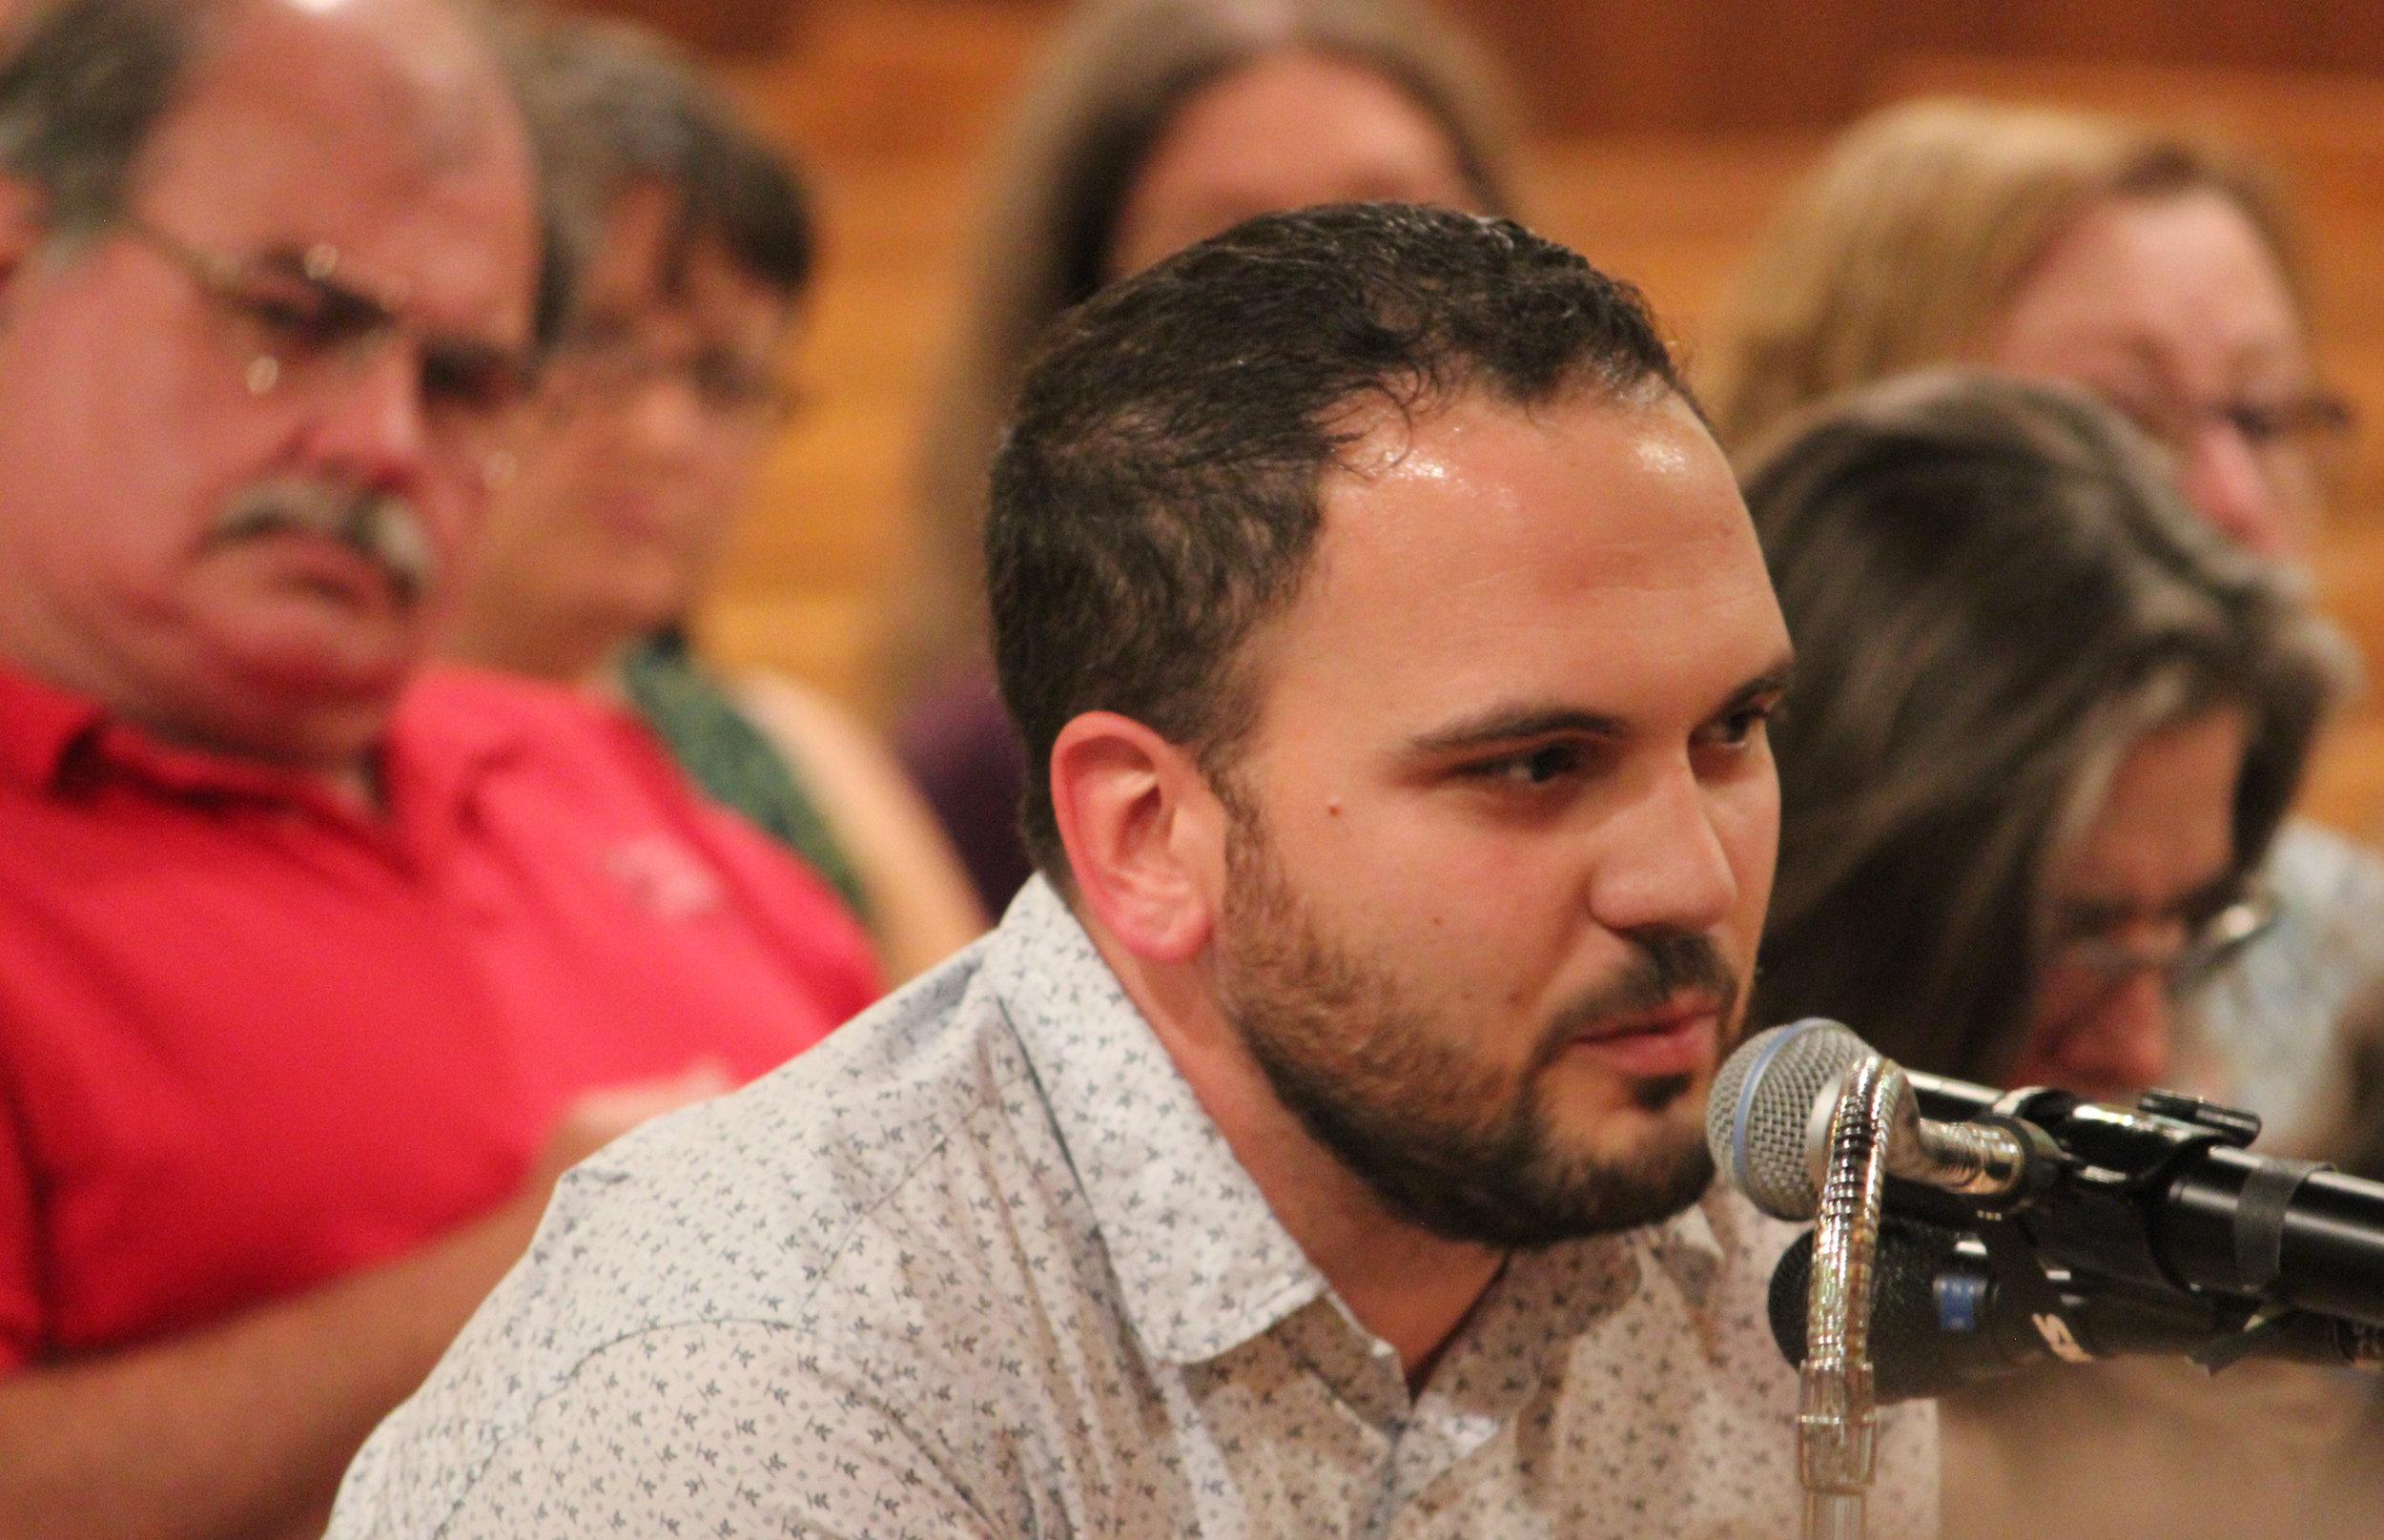 Scott Fernandez, of IUE-CWA Local 301, offers testimony.